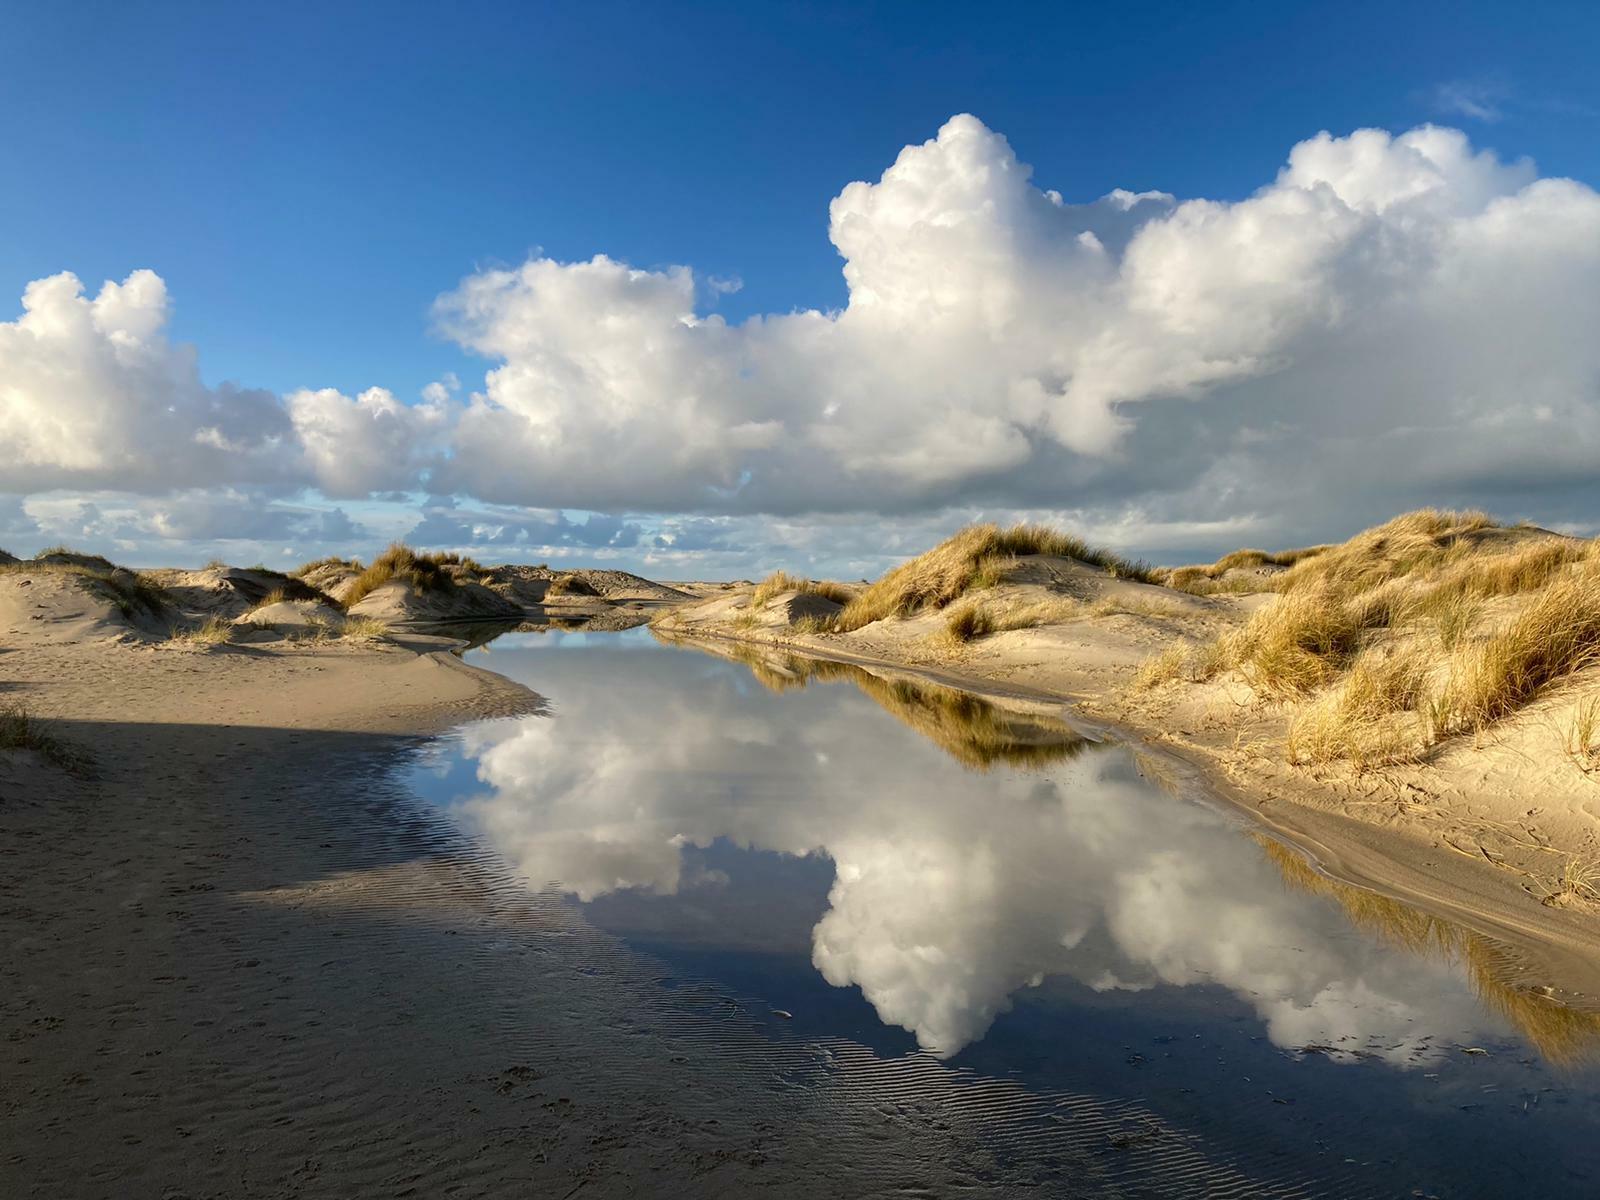 Hors route foto Anne Marie Kortenhoeven VVV Texel